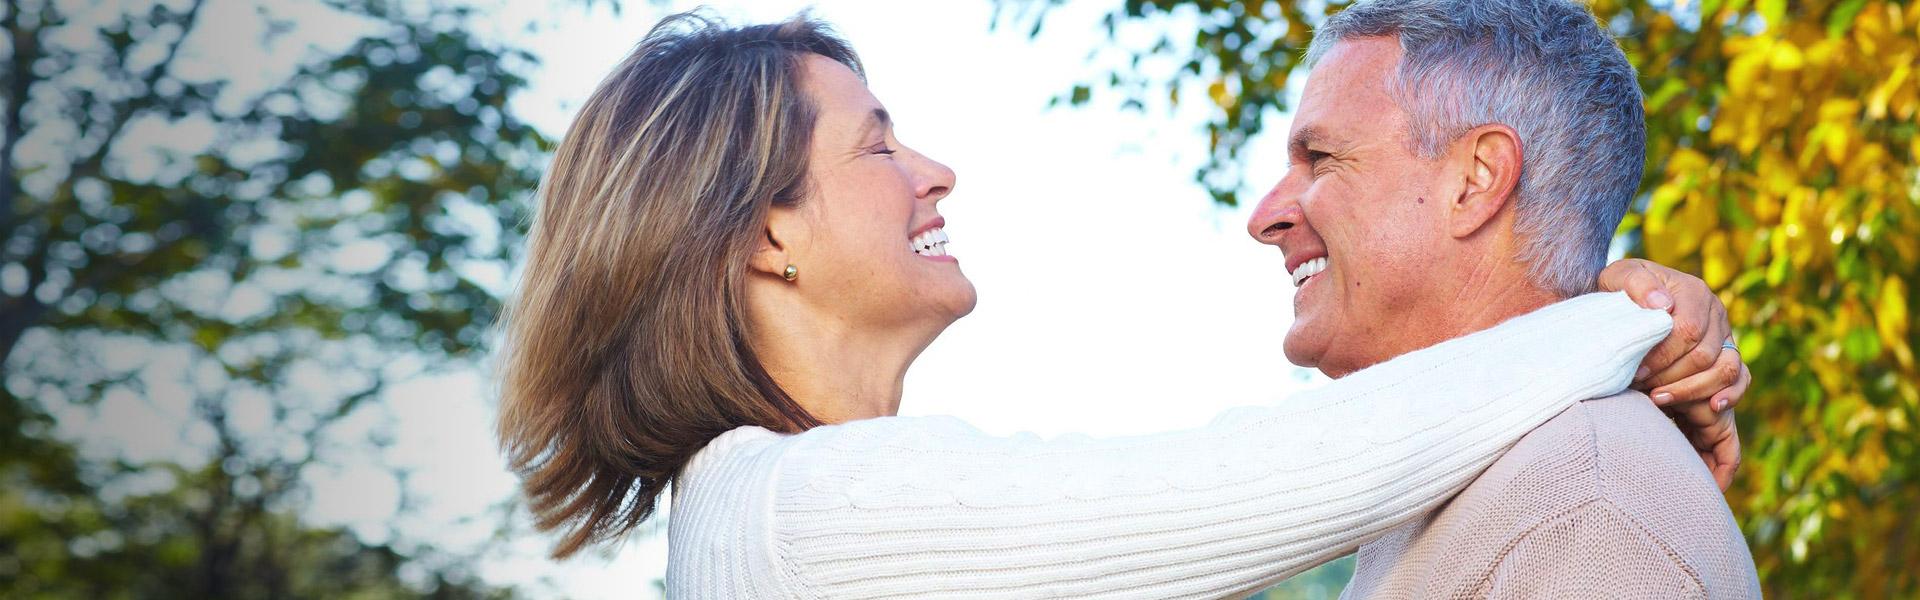 Für ein strahlendes Lächeln - ein Leben lang